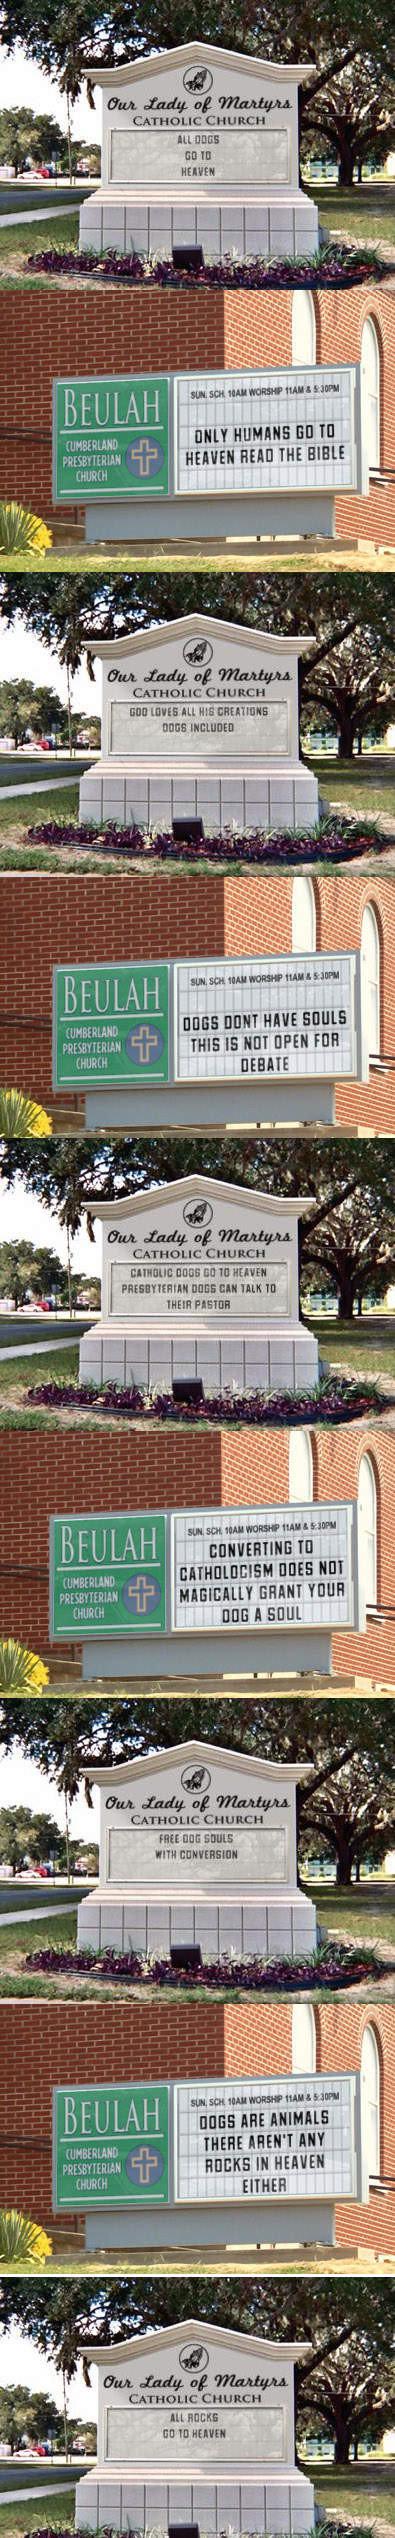 Church Fight. inb4 religious debates No I did not make, found it on fb. l DEE! III Wml' i Eliete Humans ilivid Hum HEM] THE BIBLE Hill Tot.': an HIE 'tli' inou'